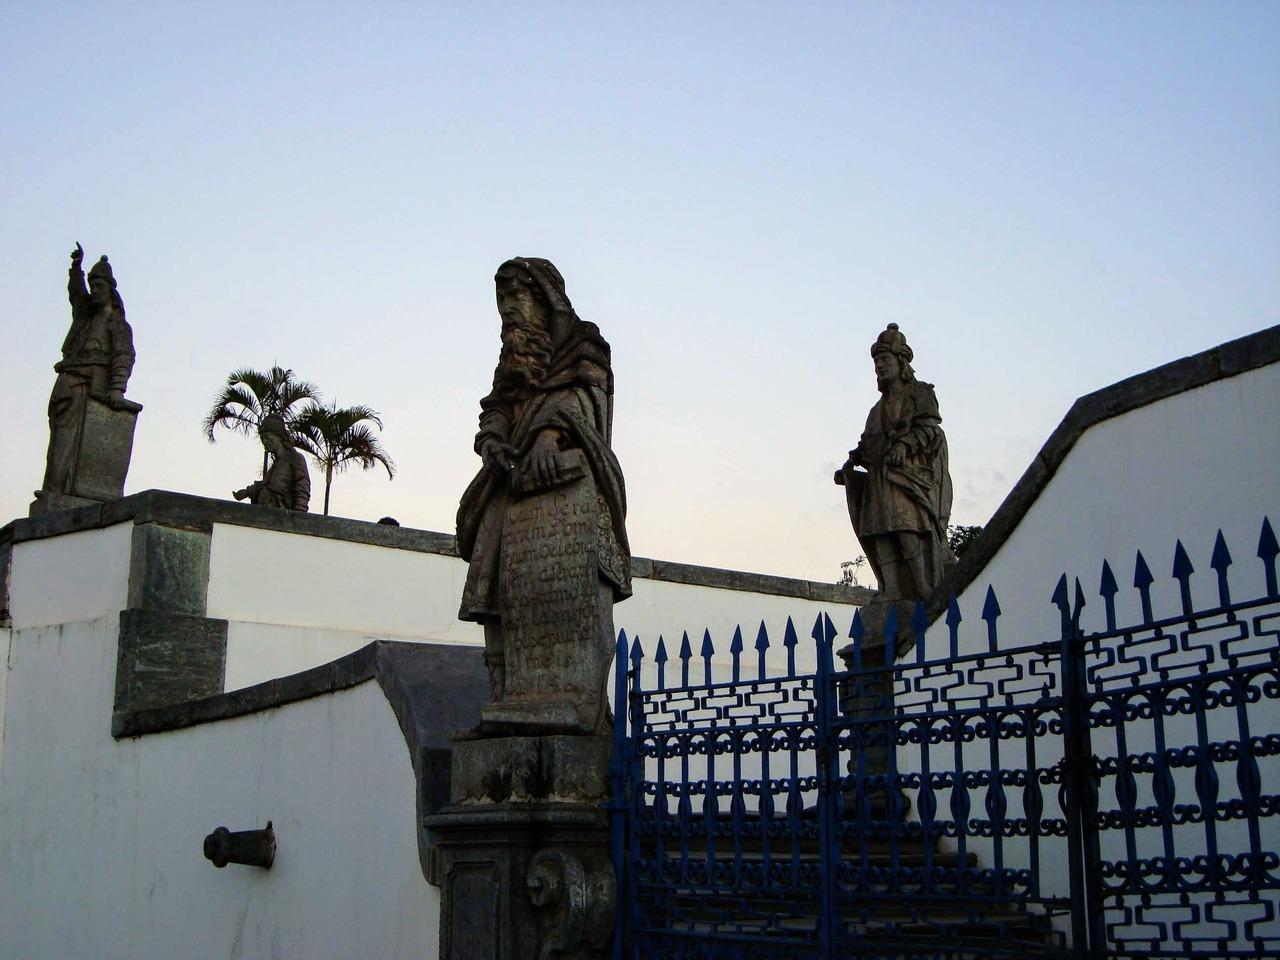 Esculturas de Aleijadinho - Santuário do Bom Jesus de Matosinhos